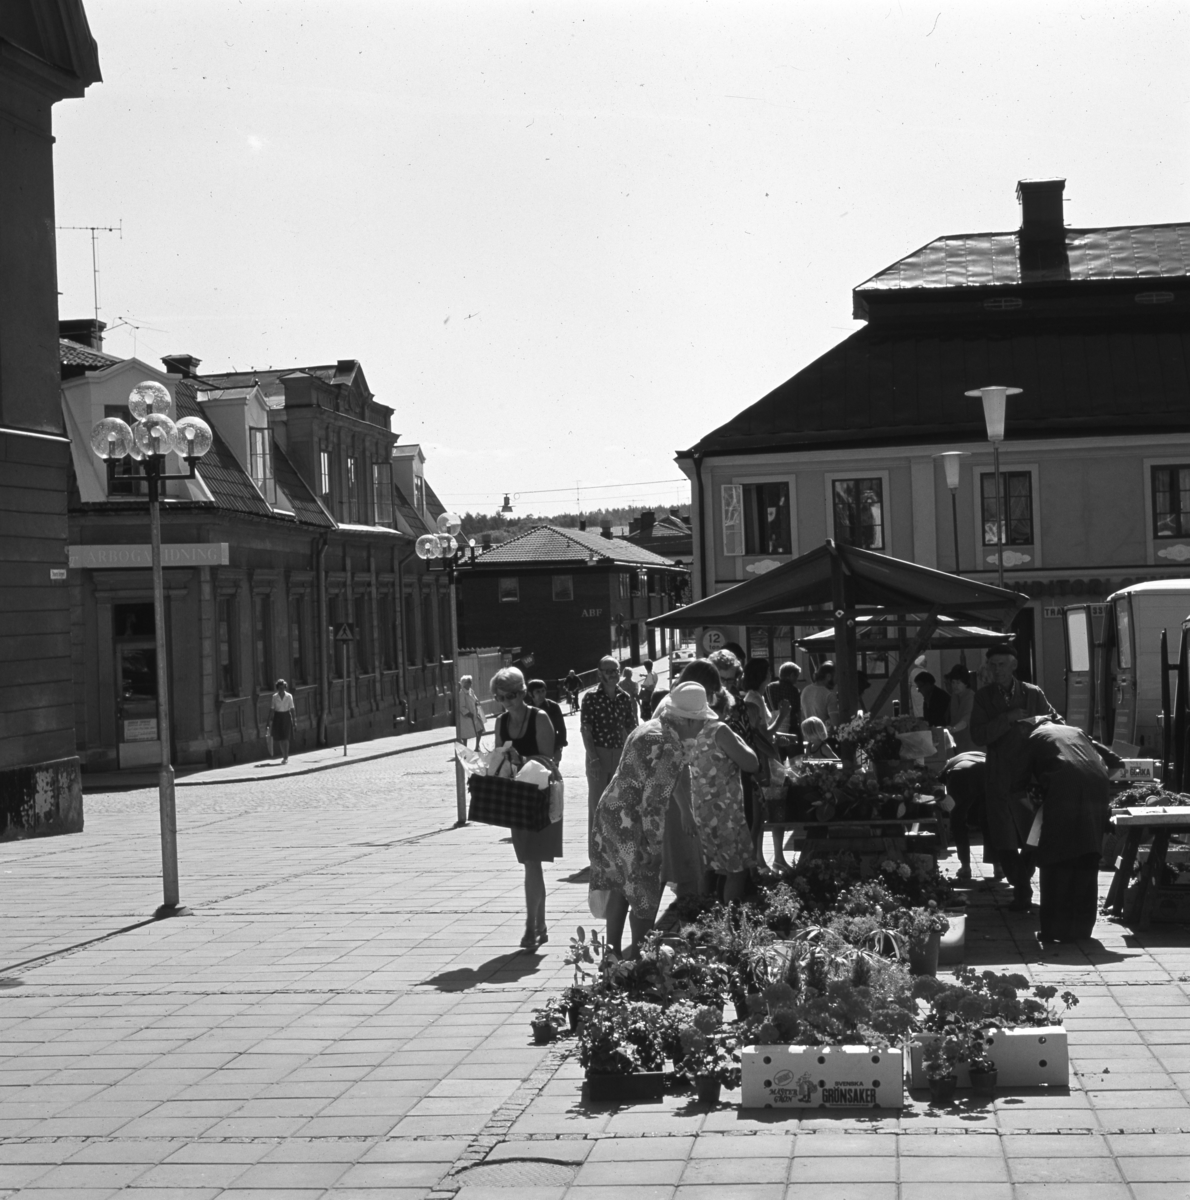 Torghandel. Nanny och Göte Lundin sköter blomsterförsäljningen. Intresserade kunder flockas vid blommorna. Pelargoner står i pappkartonger och buketter i hinkar. Platsen är Stora Torget, framför Konditori Centrum. Till vänster ligger Rådhuset. Arboga Tidnings kontor, Kapellbron och kvarteret Garvaregården ses i bakgrunden.